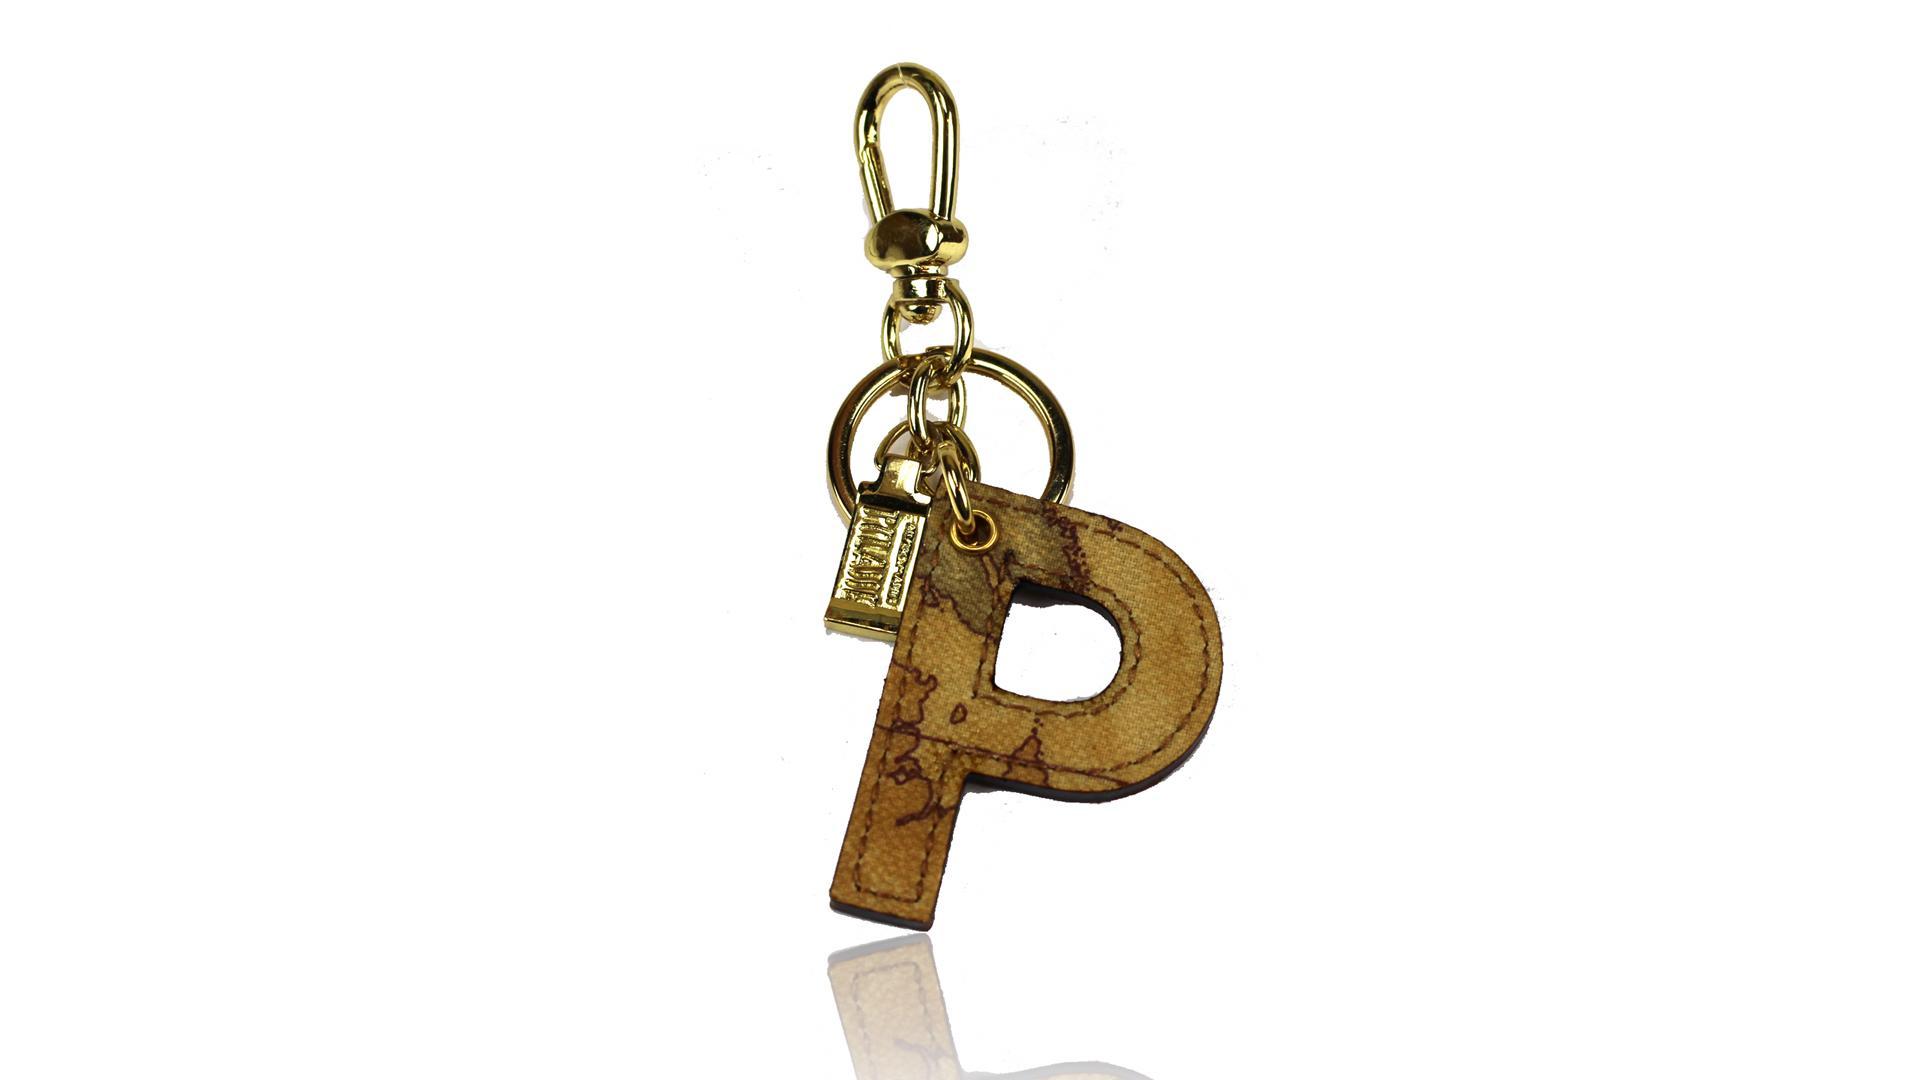 Porta chiavi alviero martini 1a classe continuativo p00p - Porta agenda alviero martini ...